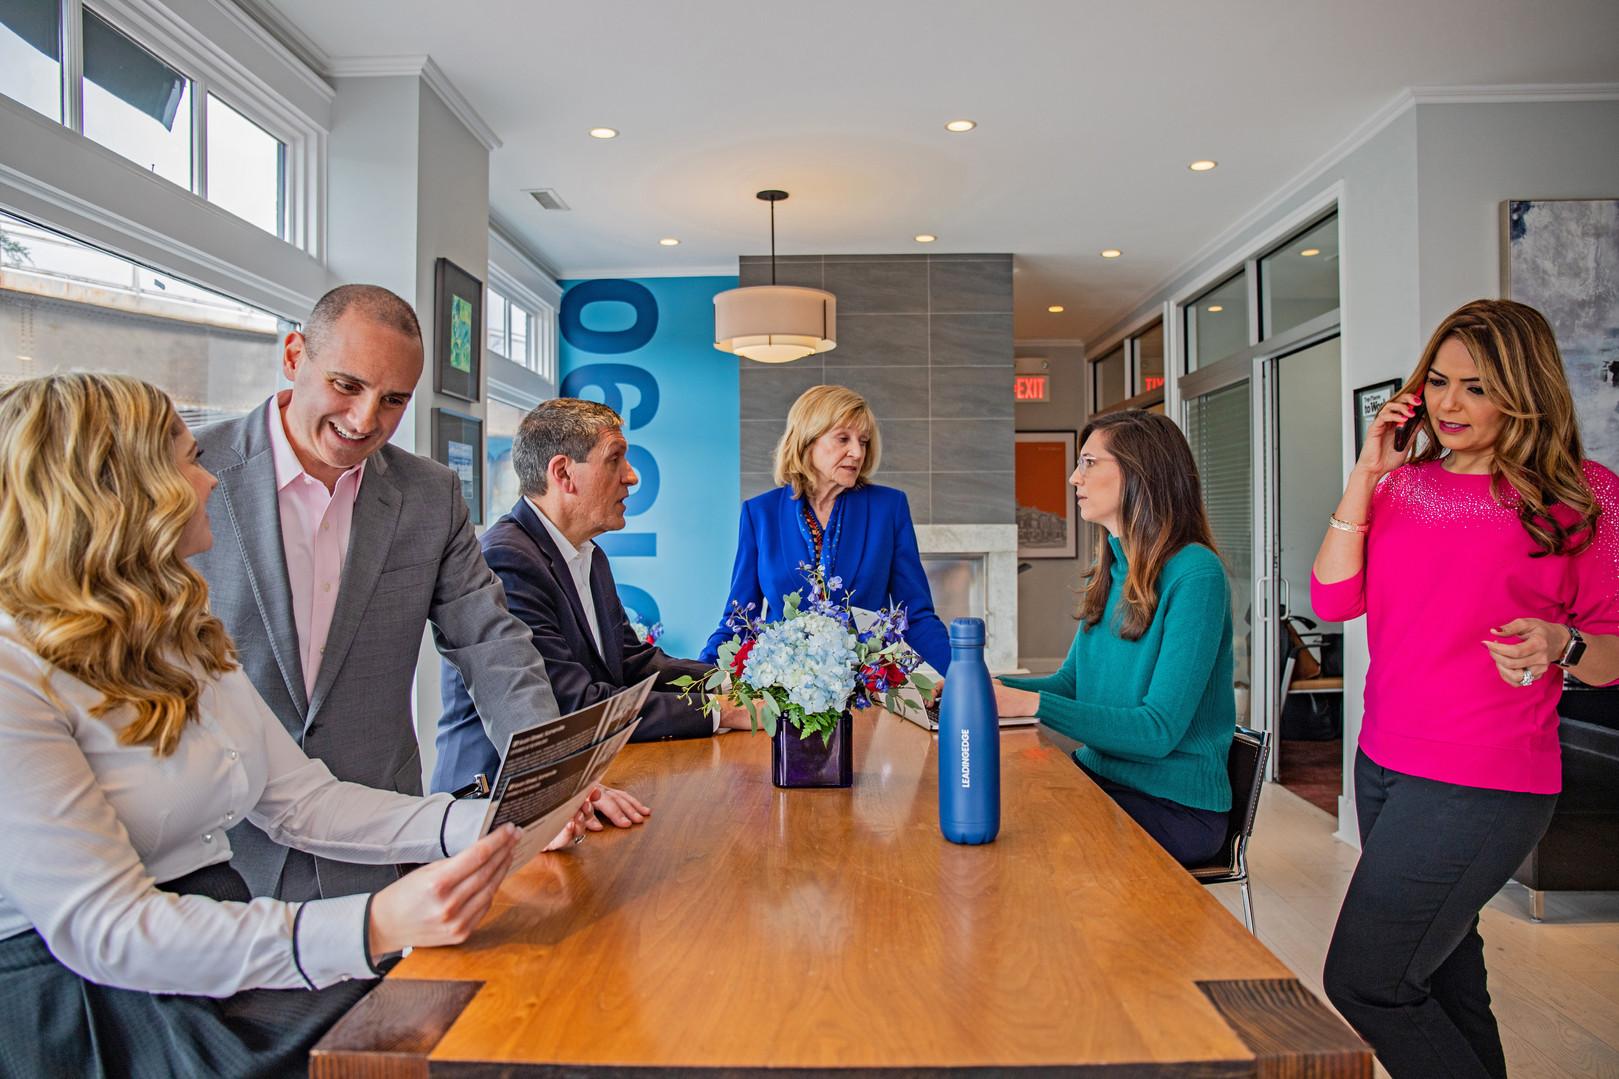 Los agentes se reúnen en la mesa de la sala de conferencias y tienen conversaciones por separado